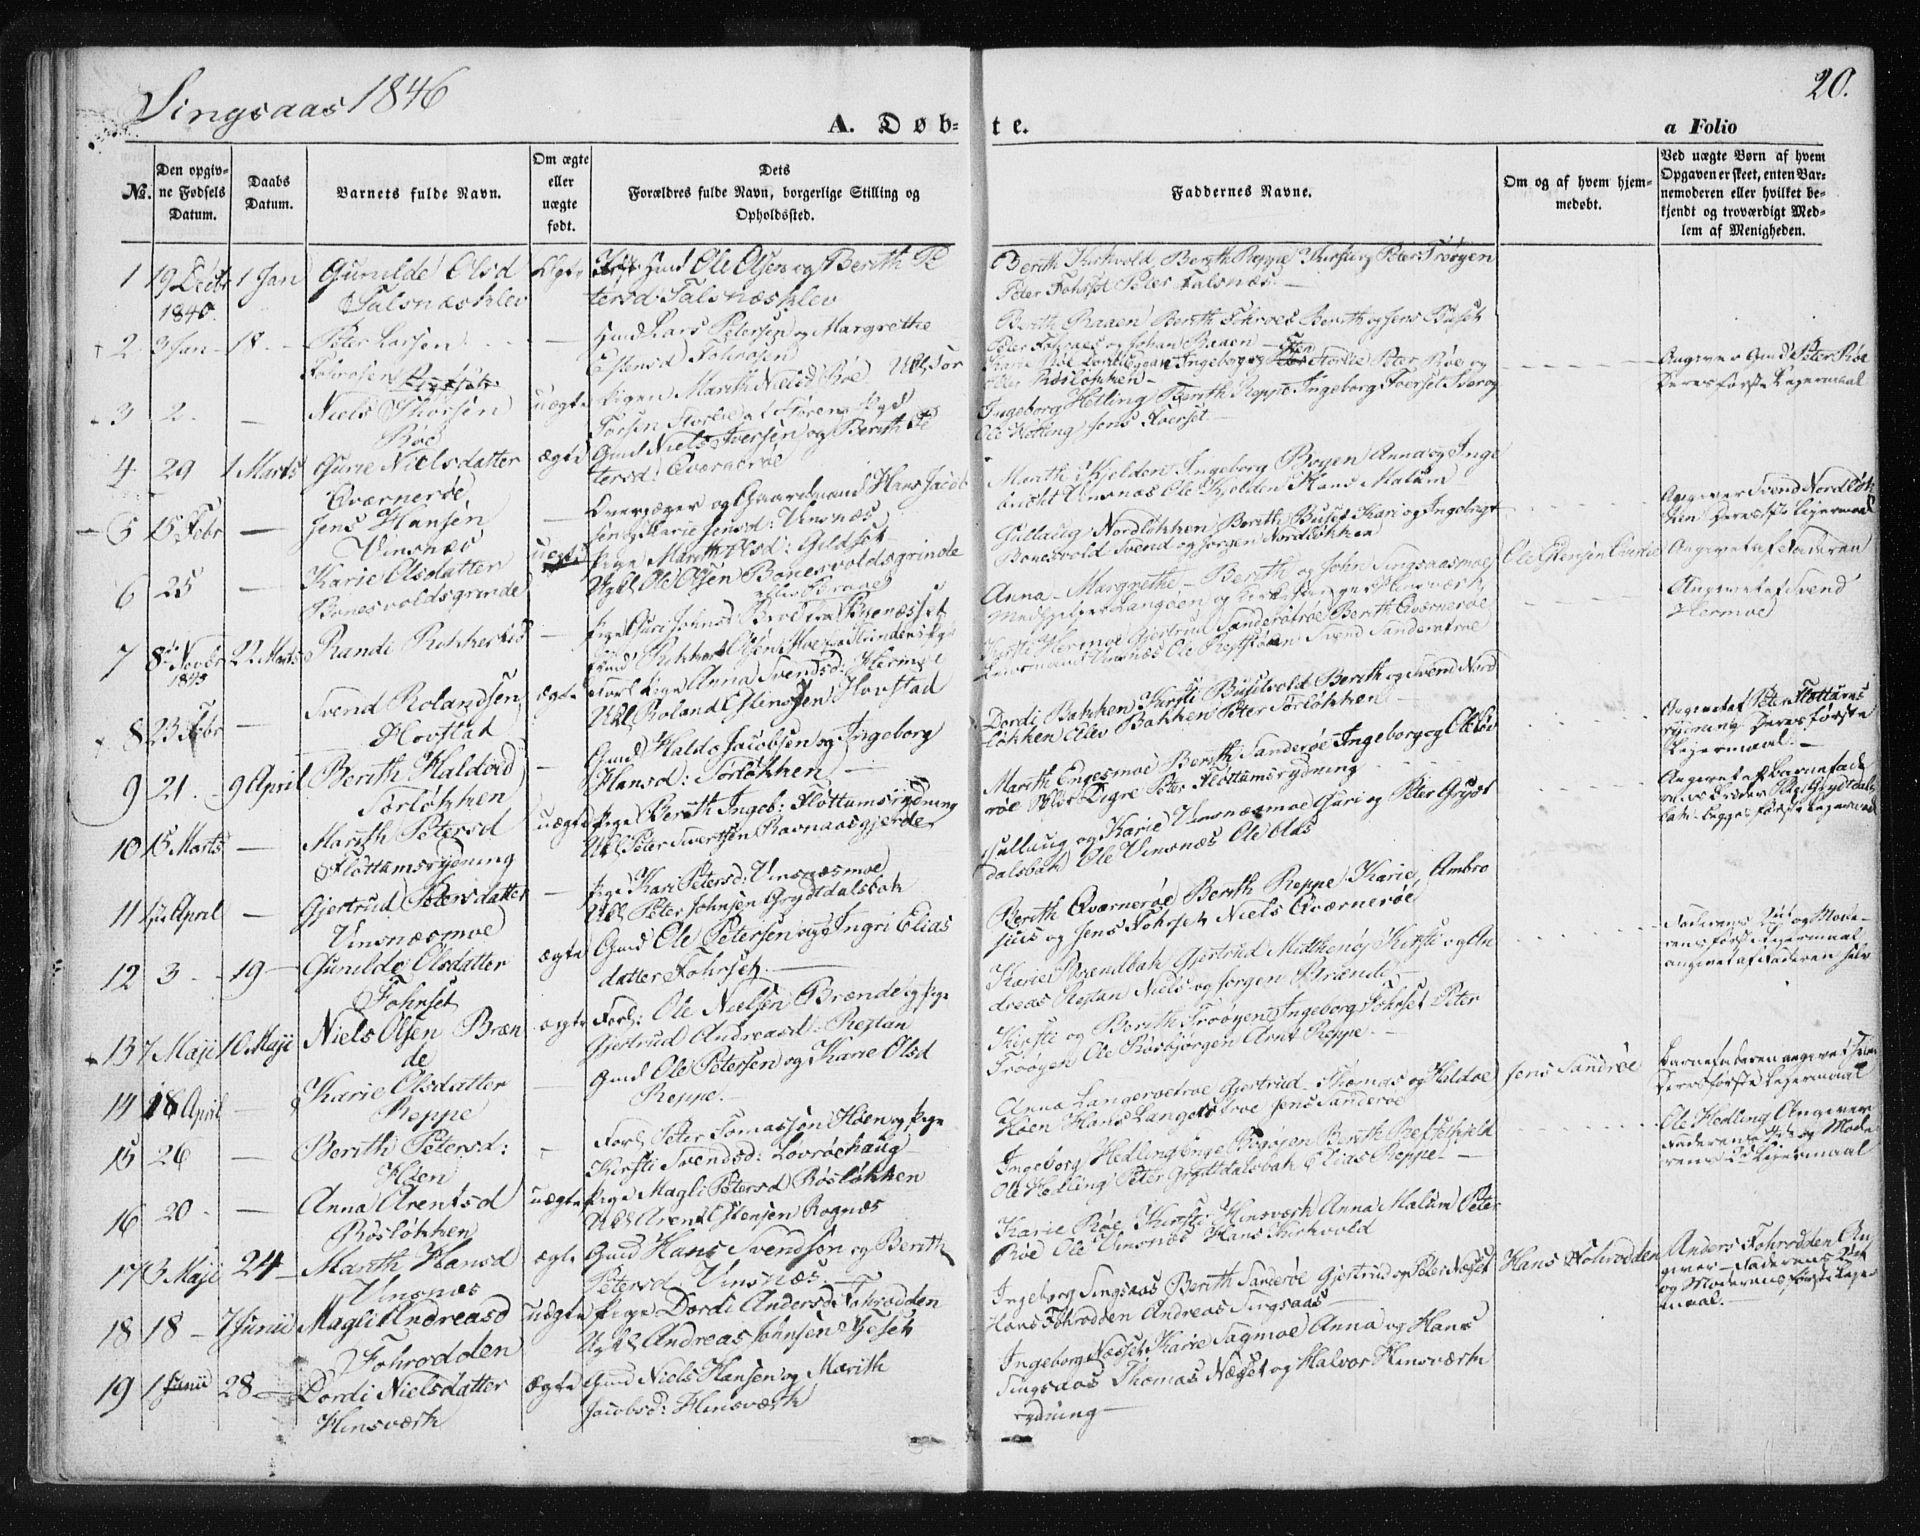 SAT, Ministerialprotokoller, klokkerbøker og fødselsregistre - Sør-Trøndelag, 685/L0964: Ministerialbok nr. 685A06 /2, 1846-1859, s. 20